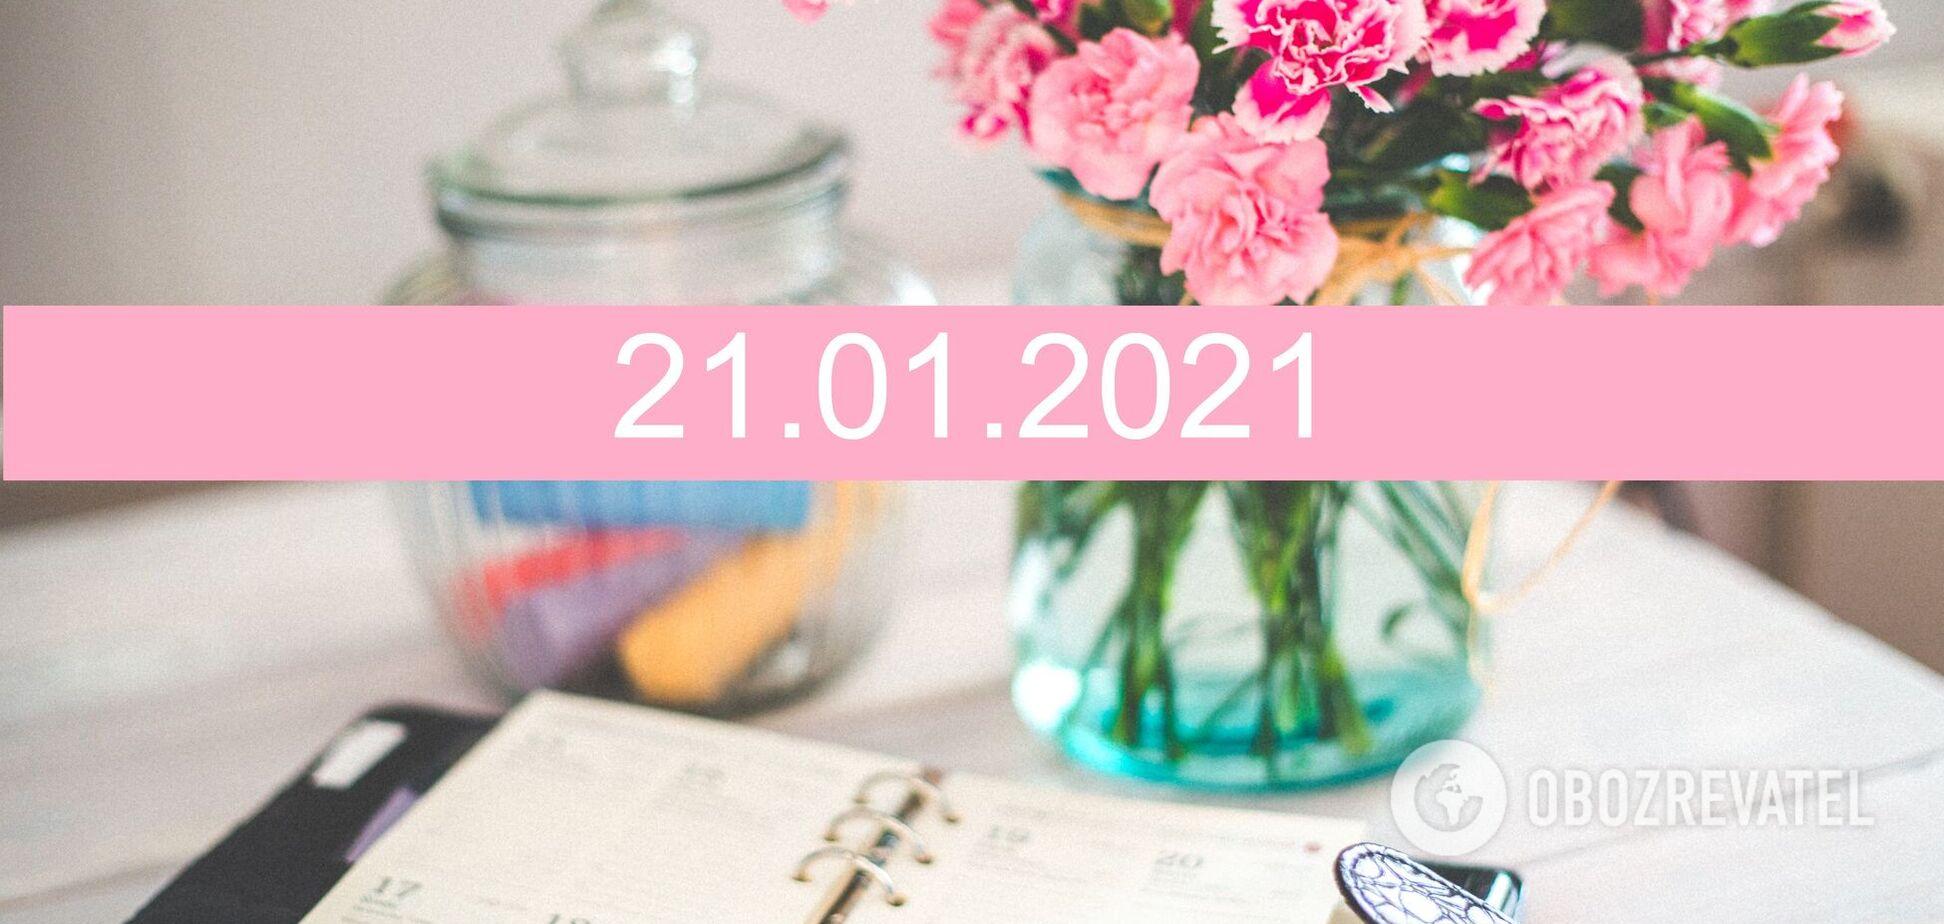 21.01.2021: что означает магическая дата и как себя вести